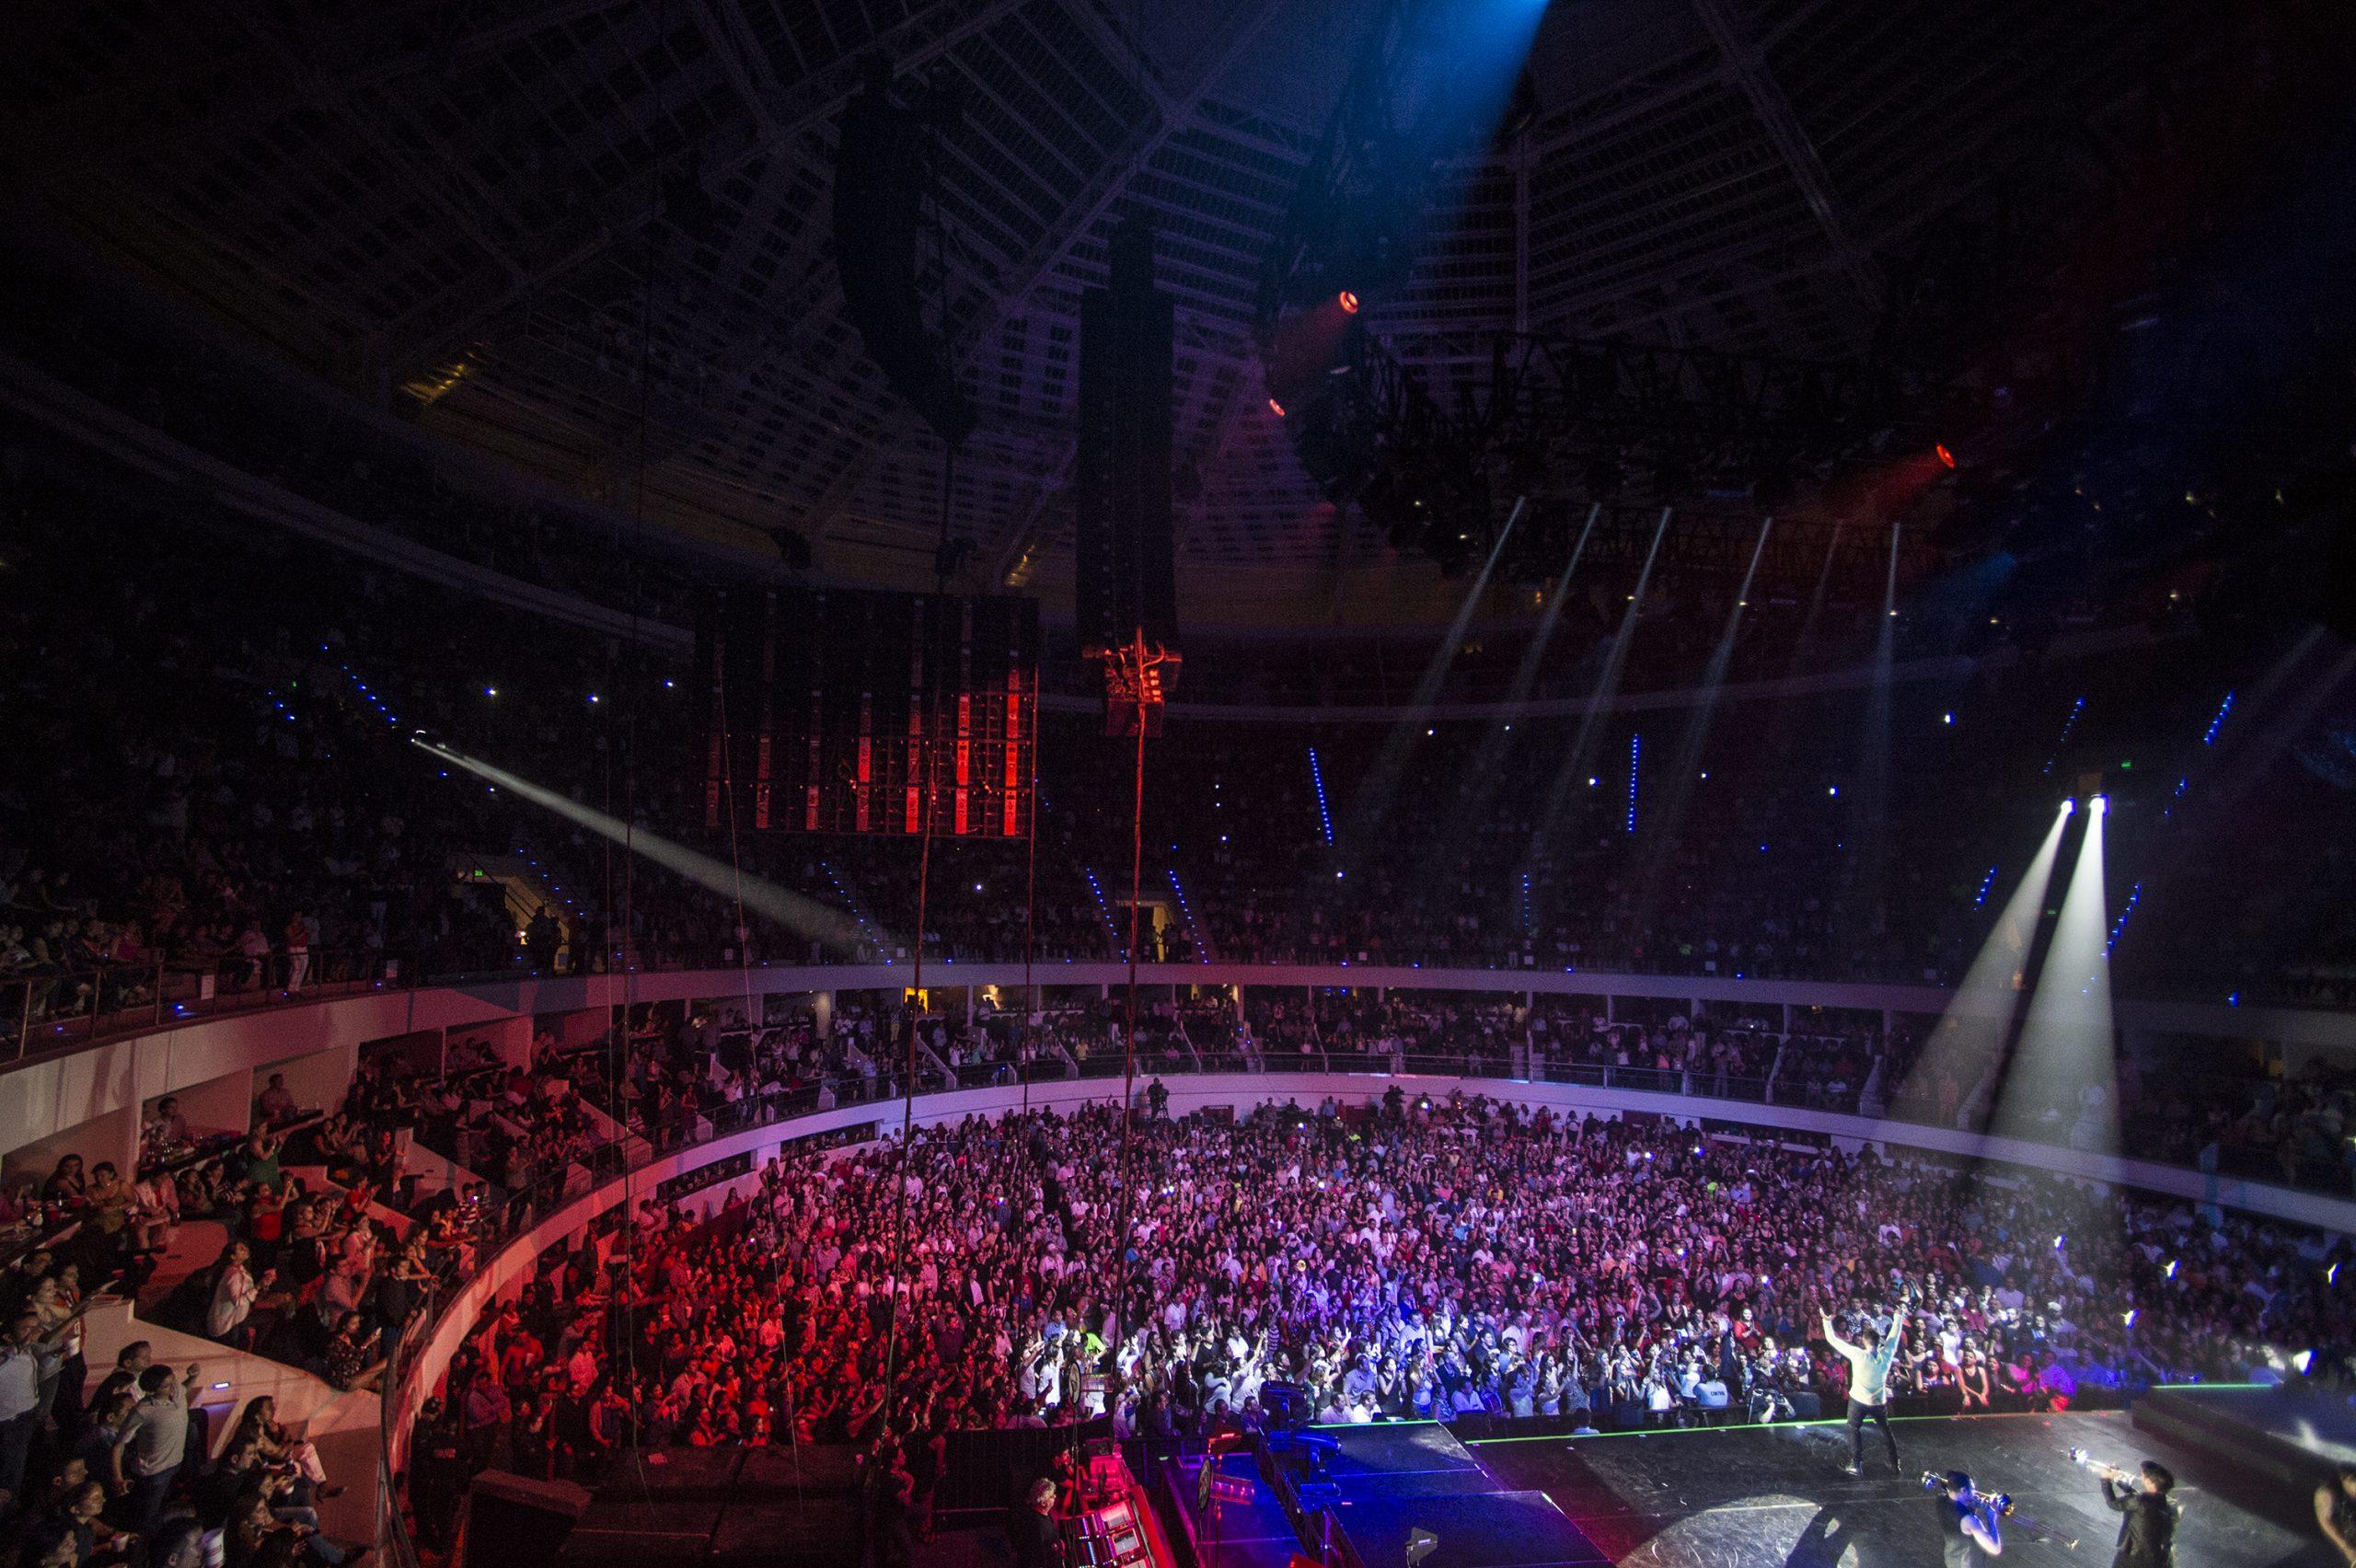 """El tema """"Adiós"""" en voz de Ricky Martin ocupa el primer lugar de la lista pop en Monitor Latino. (Foto Chino Lemus)"""